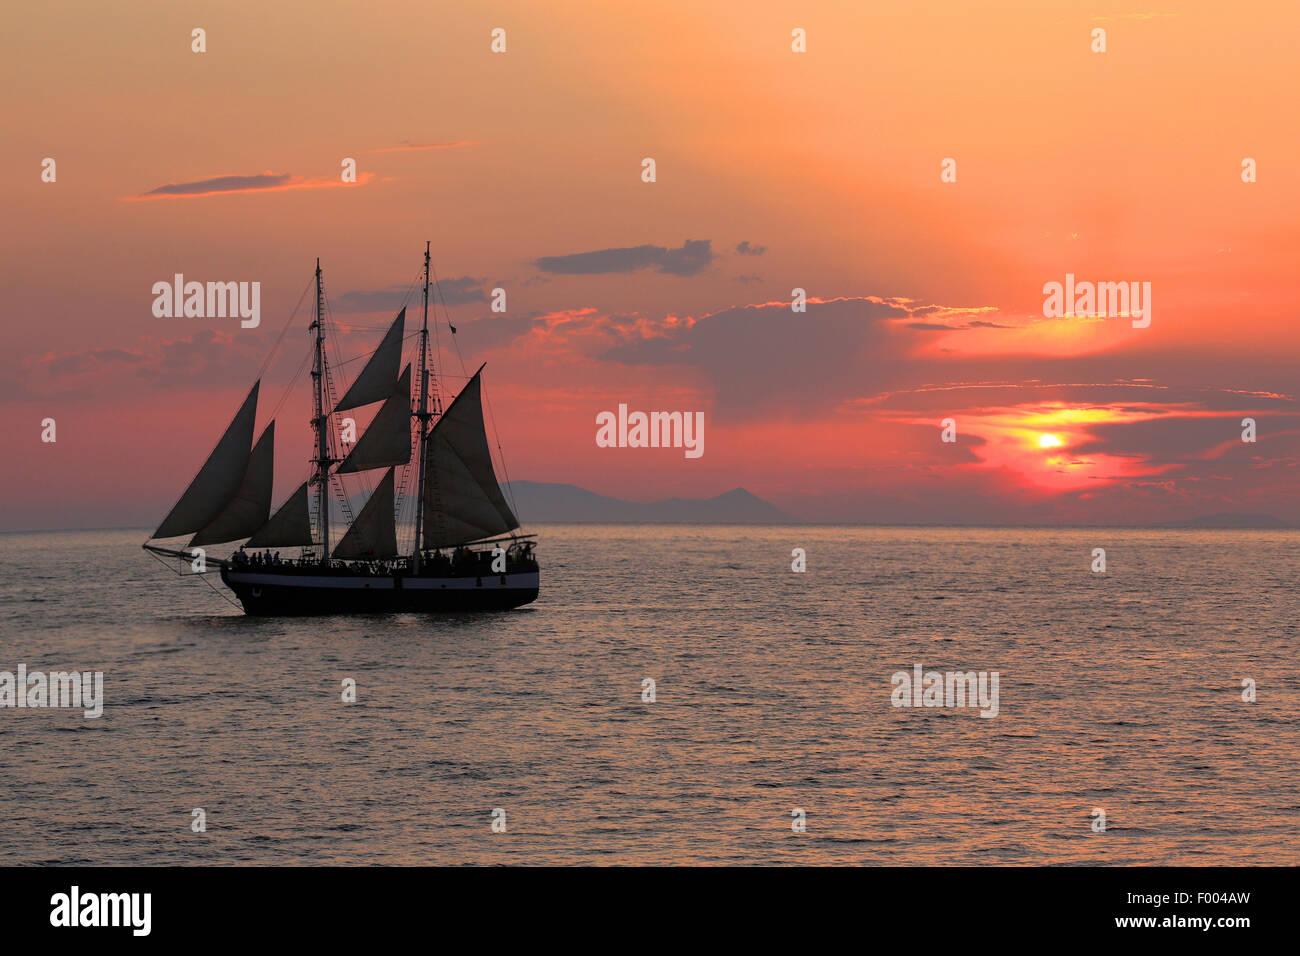 Bateau à voile au coucher du soleil, la Grèce, les Cyclades, Santorin Photo Stock